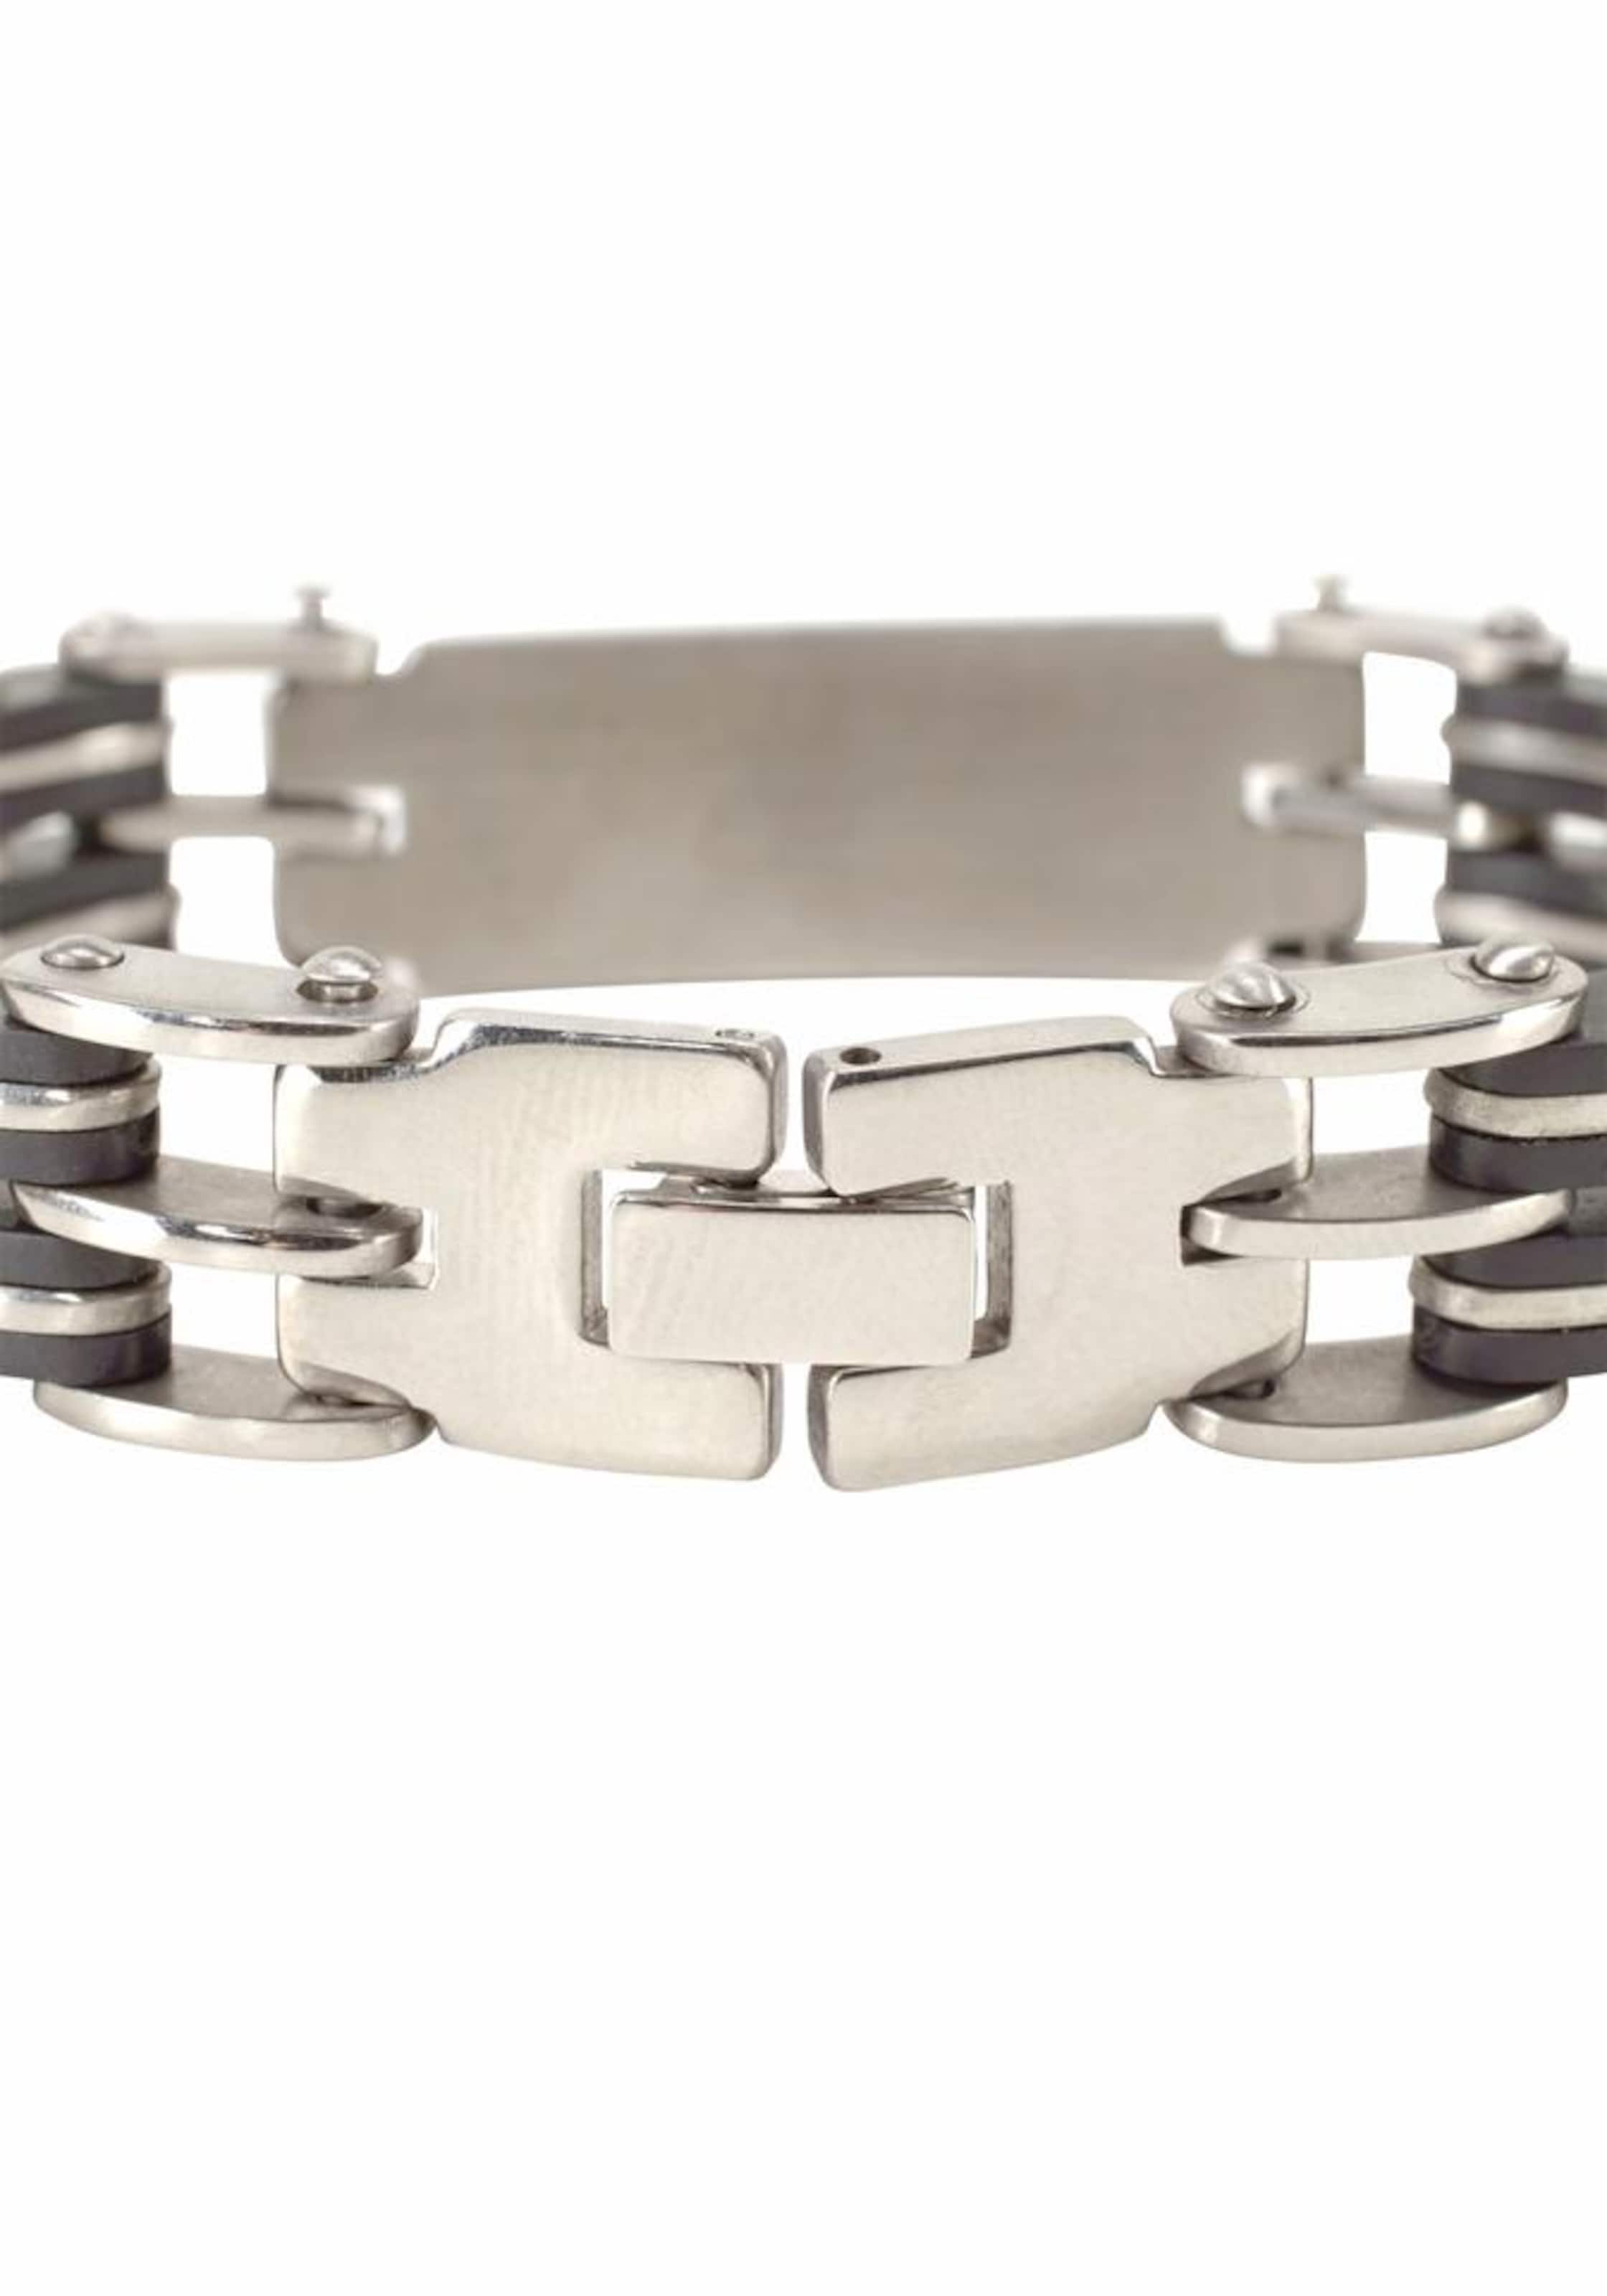 J. Jayz J. Jayz Armband Günstig Kaufen Am Besten Rabatt Suche Niedrige Versandgebühr Online Neue Online VFj4xE